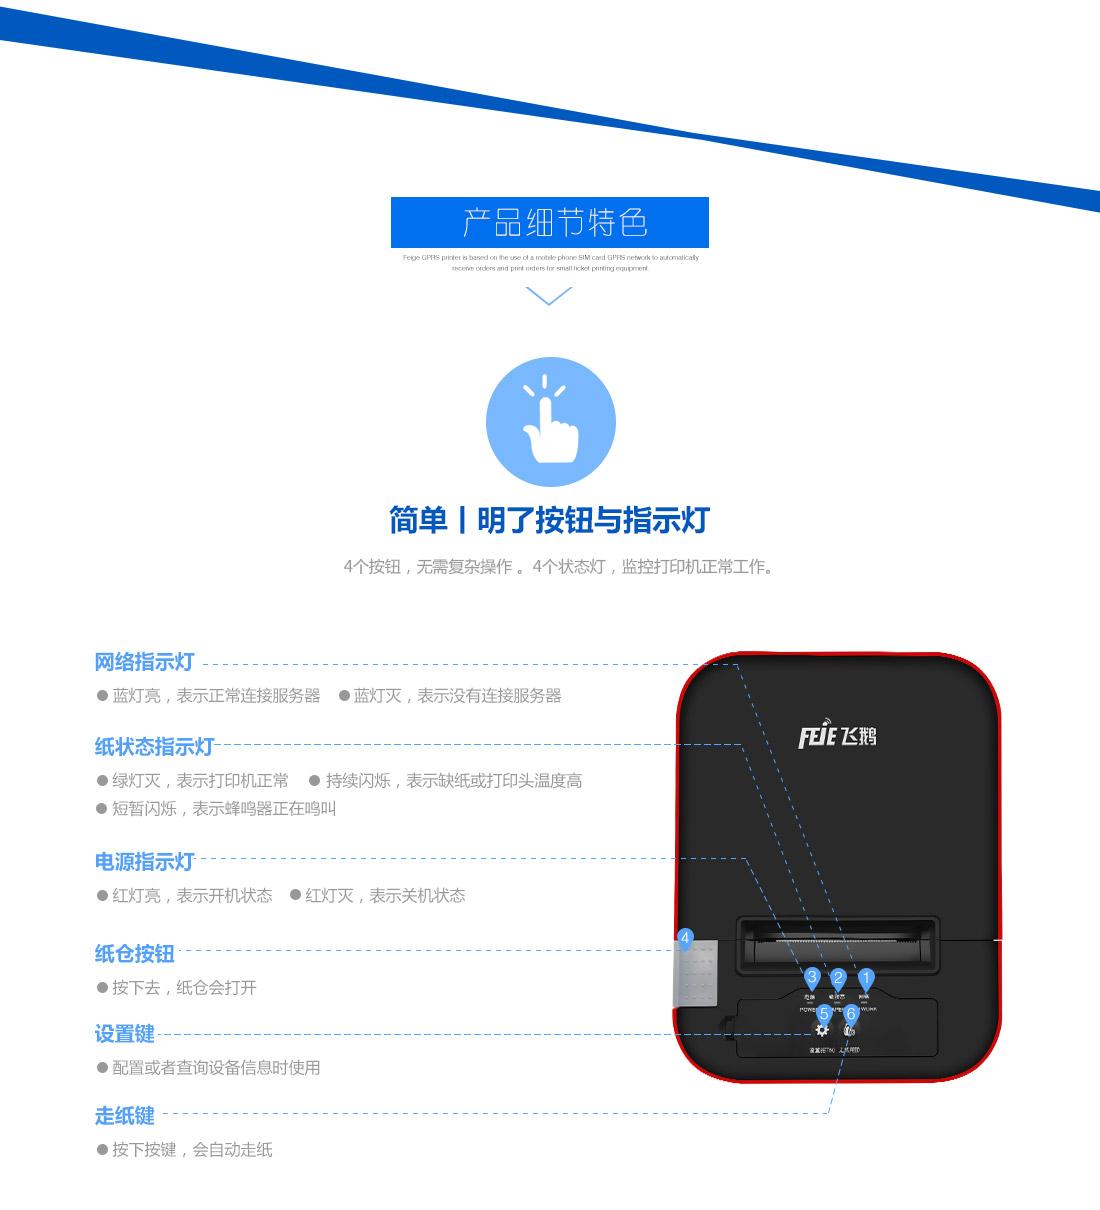 产品细节特色:简单明了按钮与指示灯